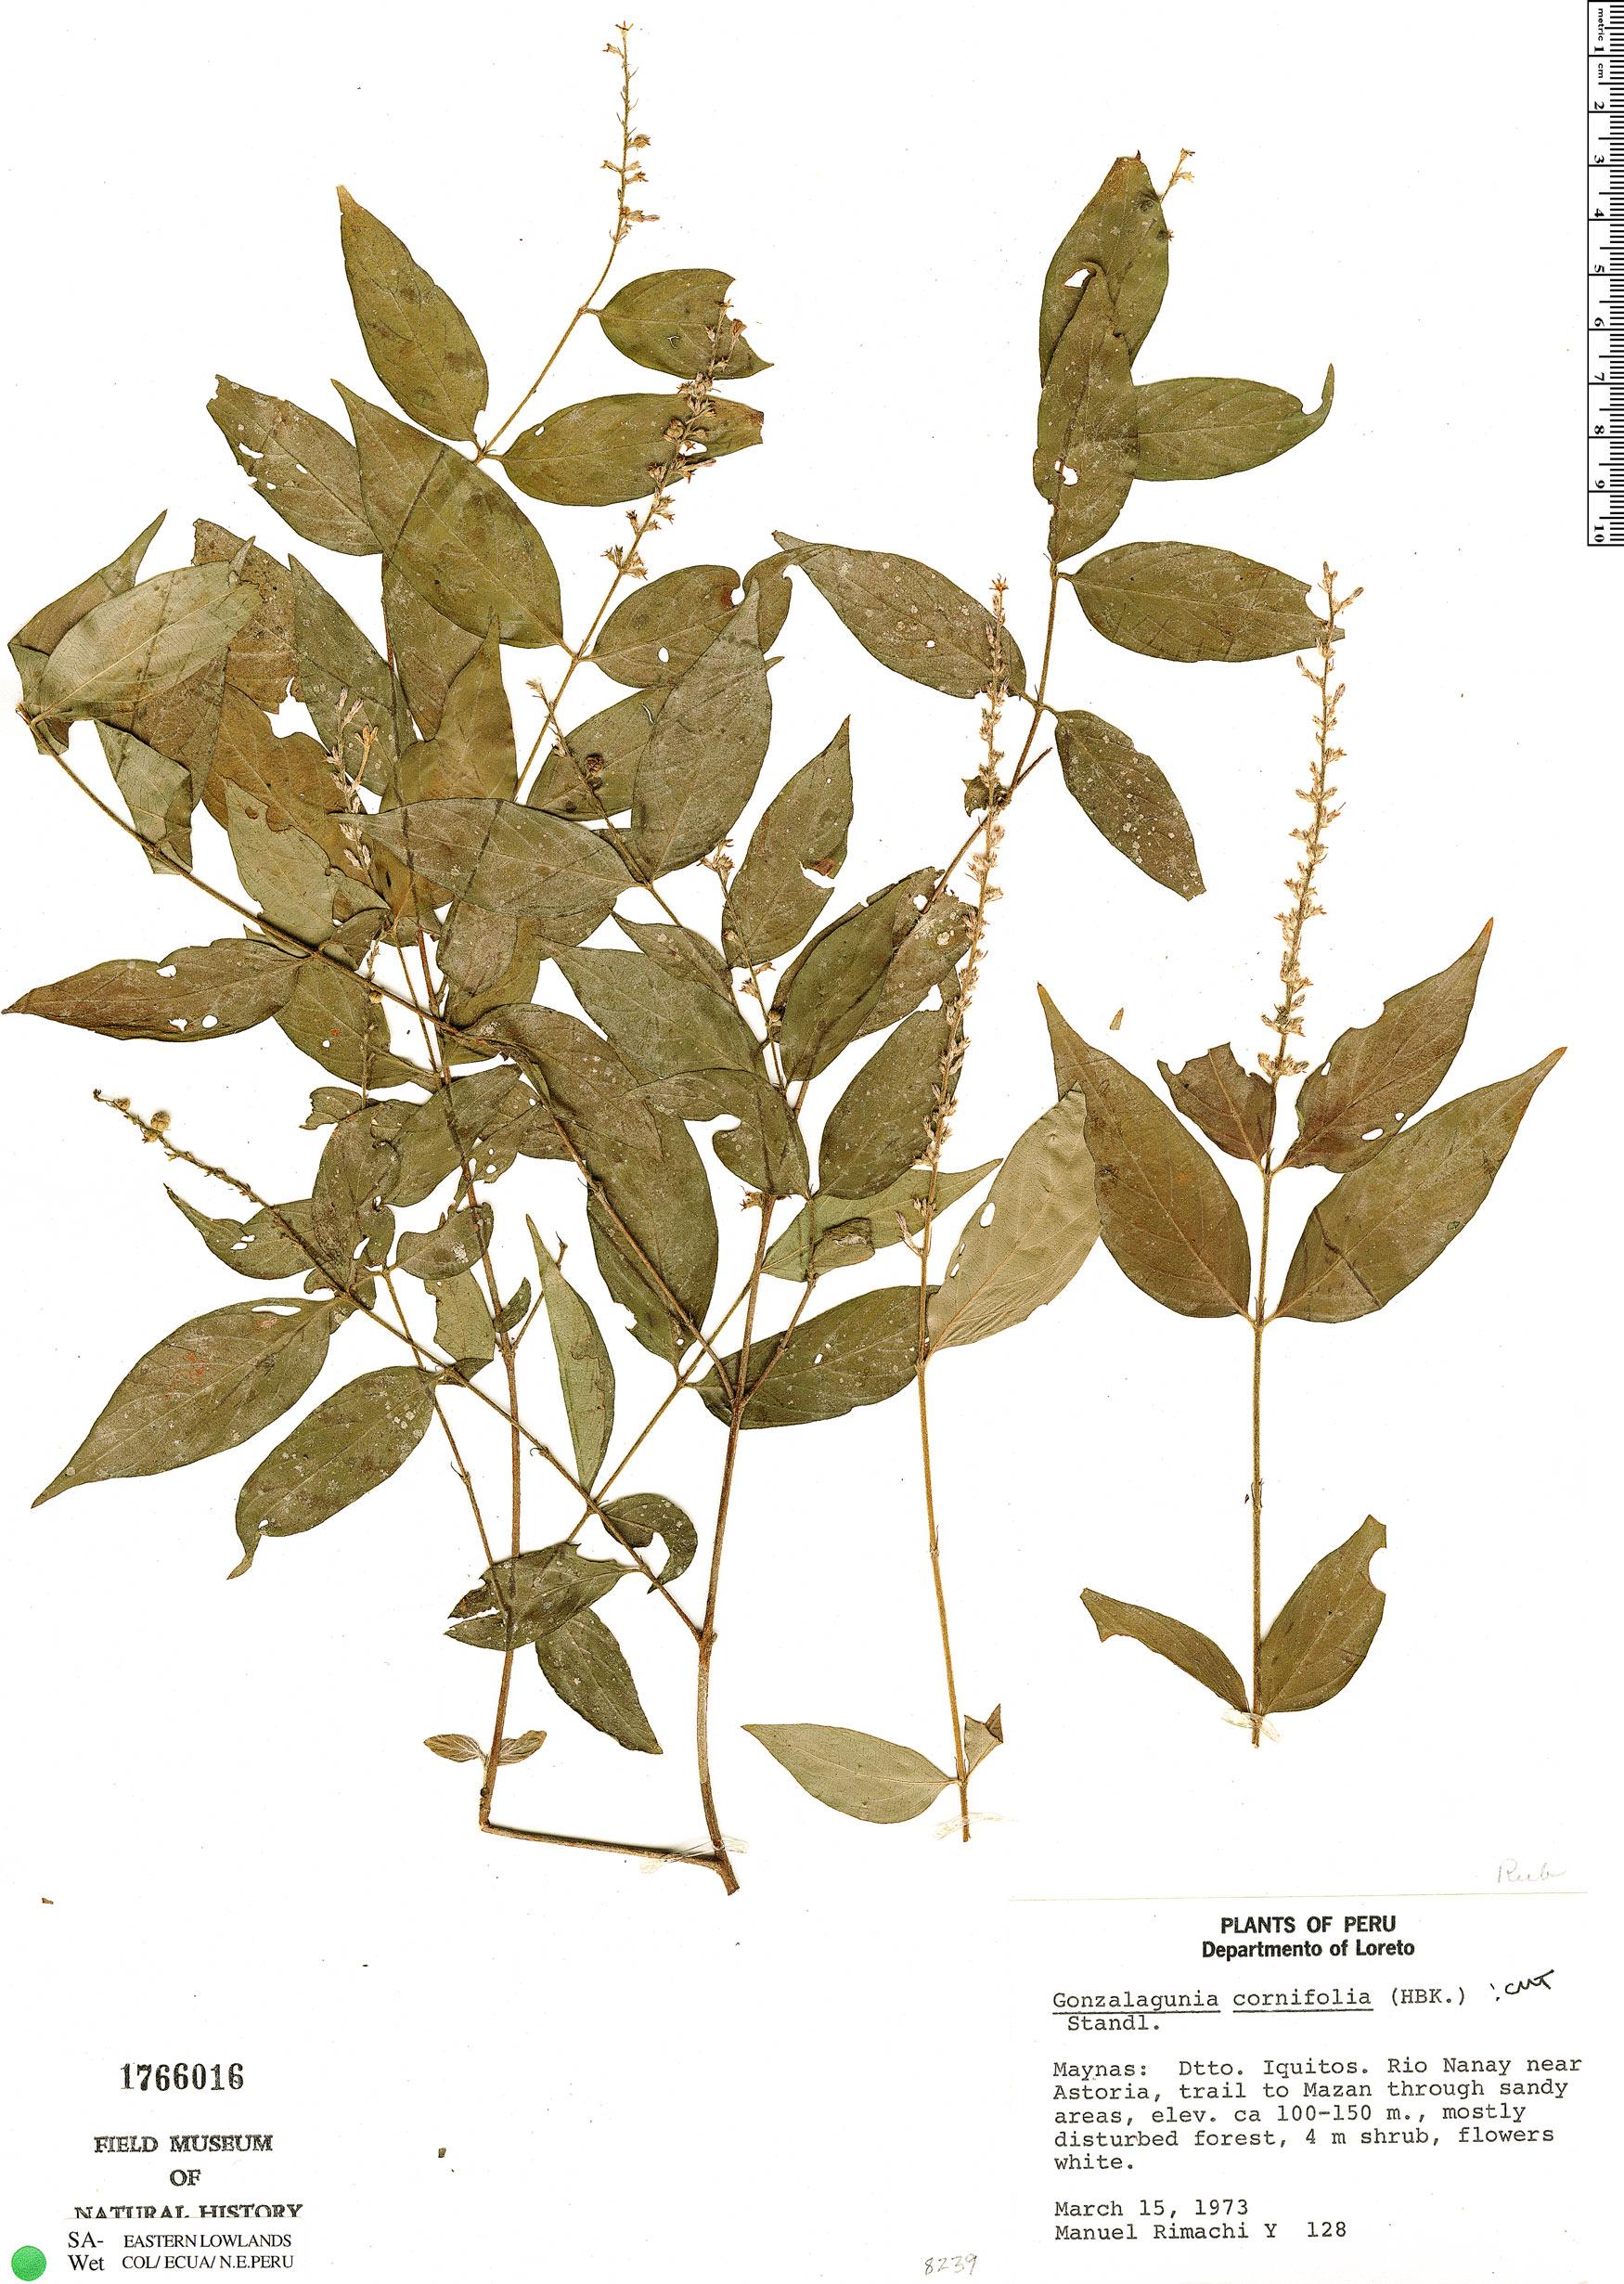 Specimen: Gonzalagunia cornifolia